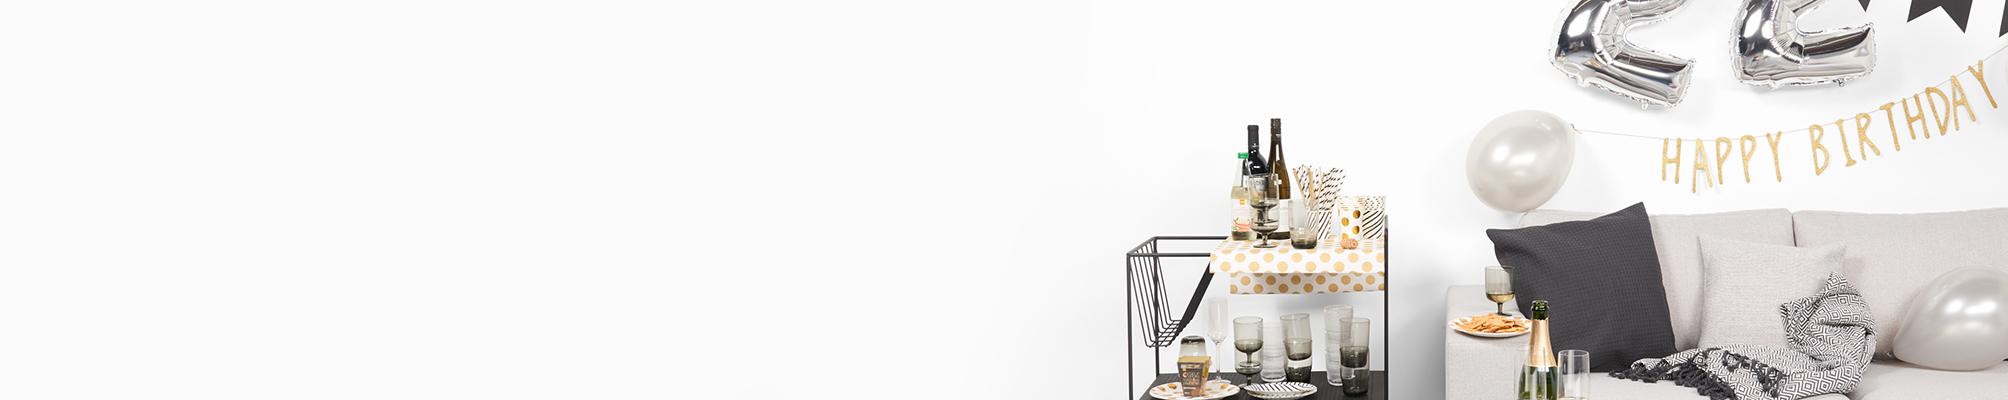 servetten en <br>tafelkleden - Herobanner - HEMA